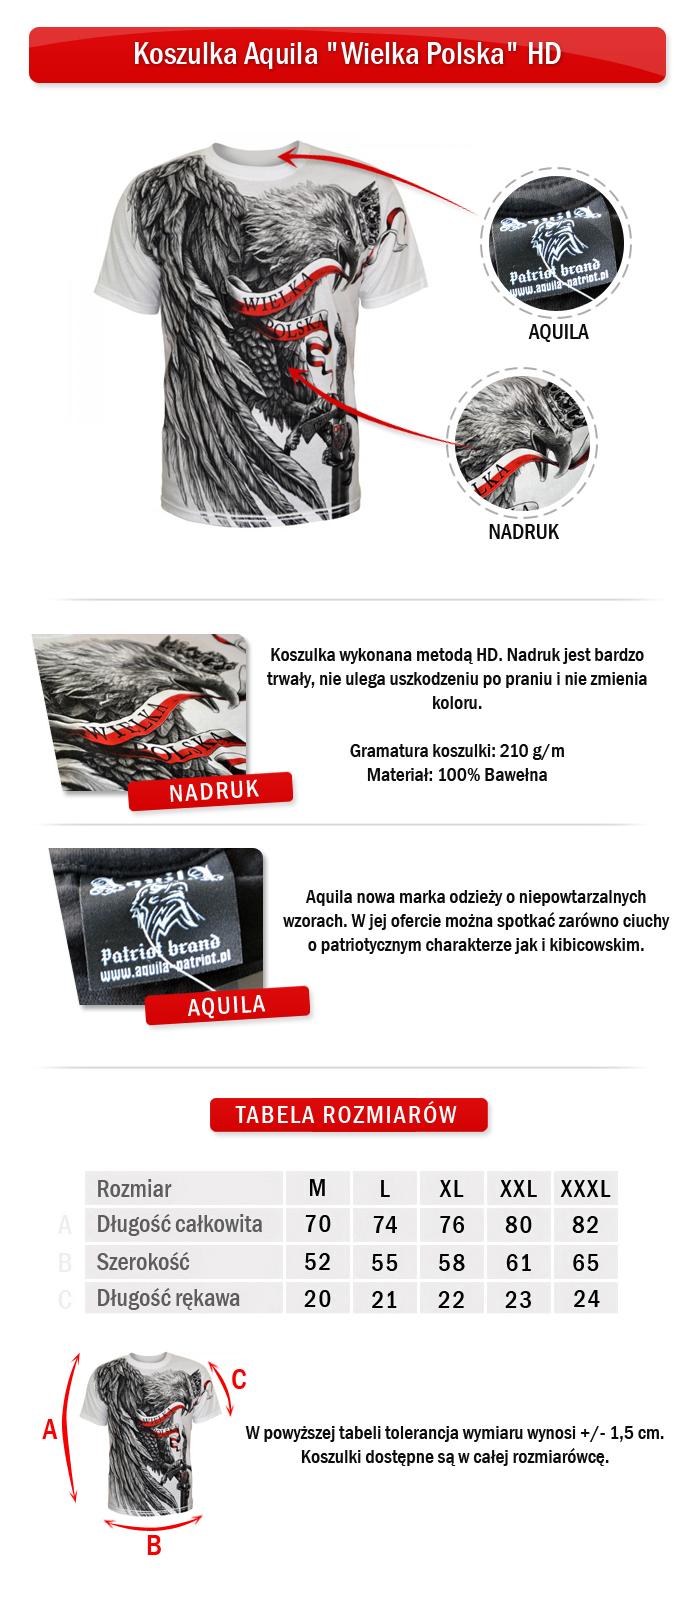 koszulka-aquila-wielka-polska-hd-7